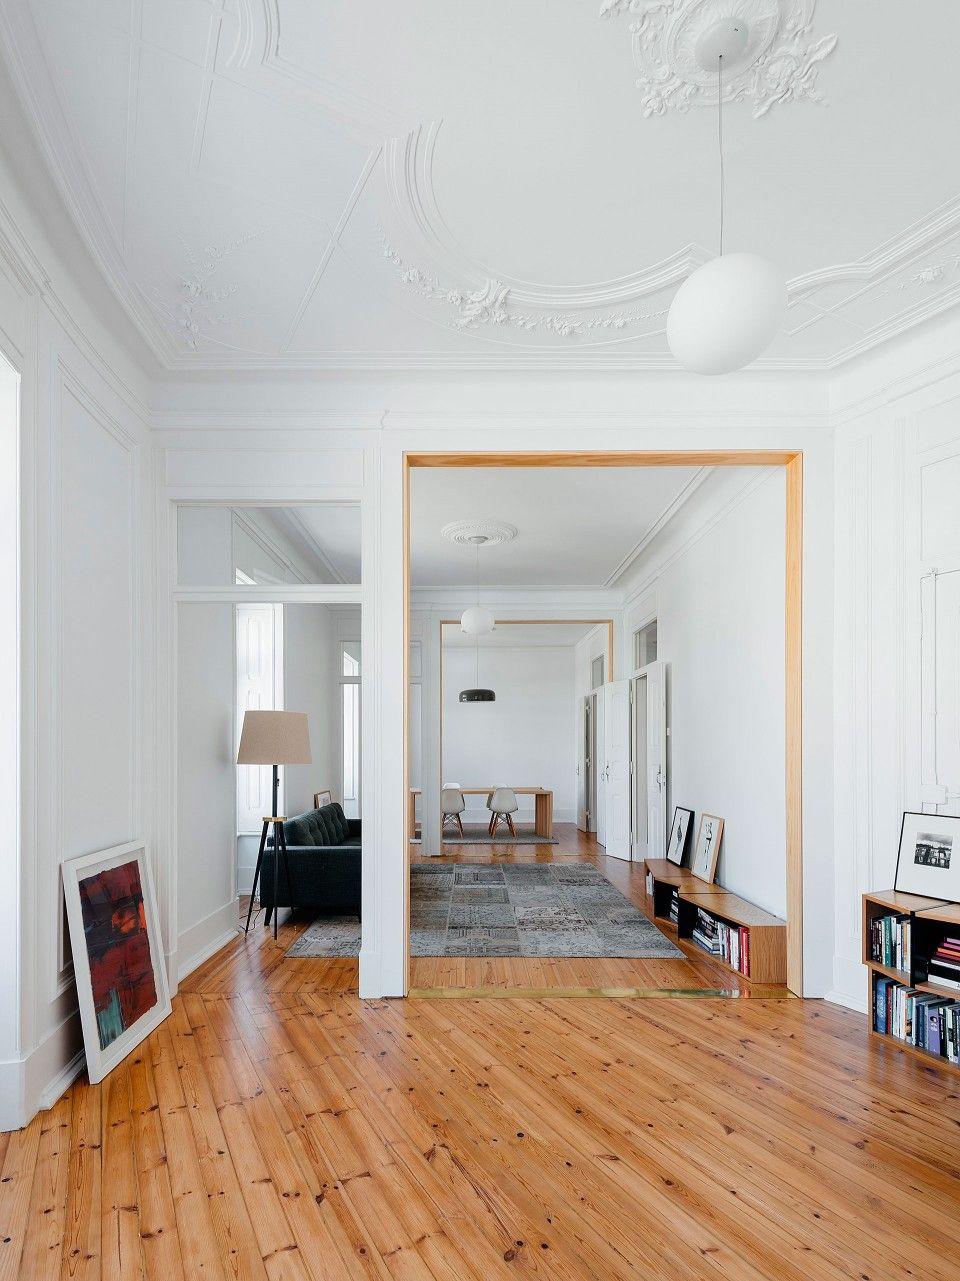 Residencial Archivos - Interiores Minimalistas. Revista online de diseño interior minimalista